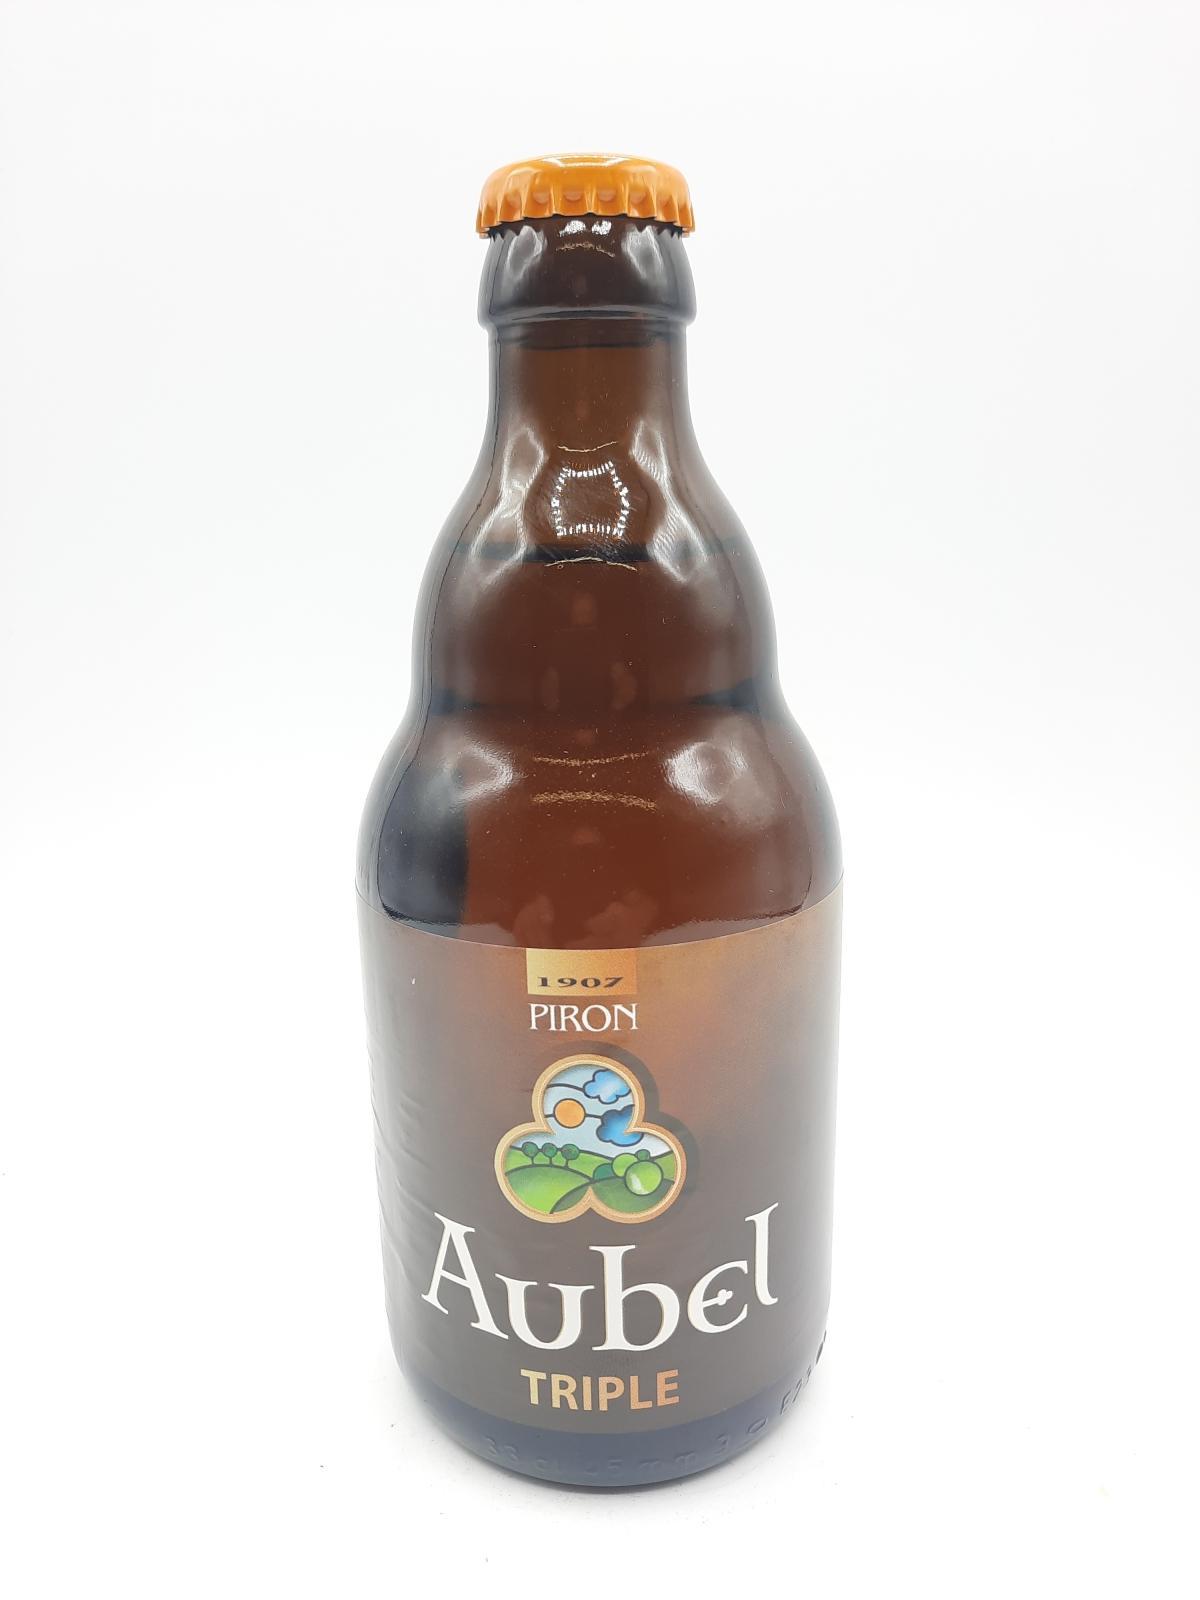 Image Aubel Triple